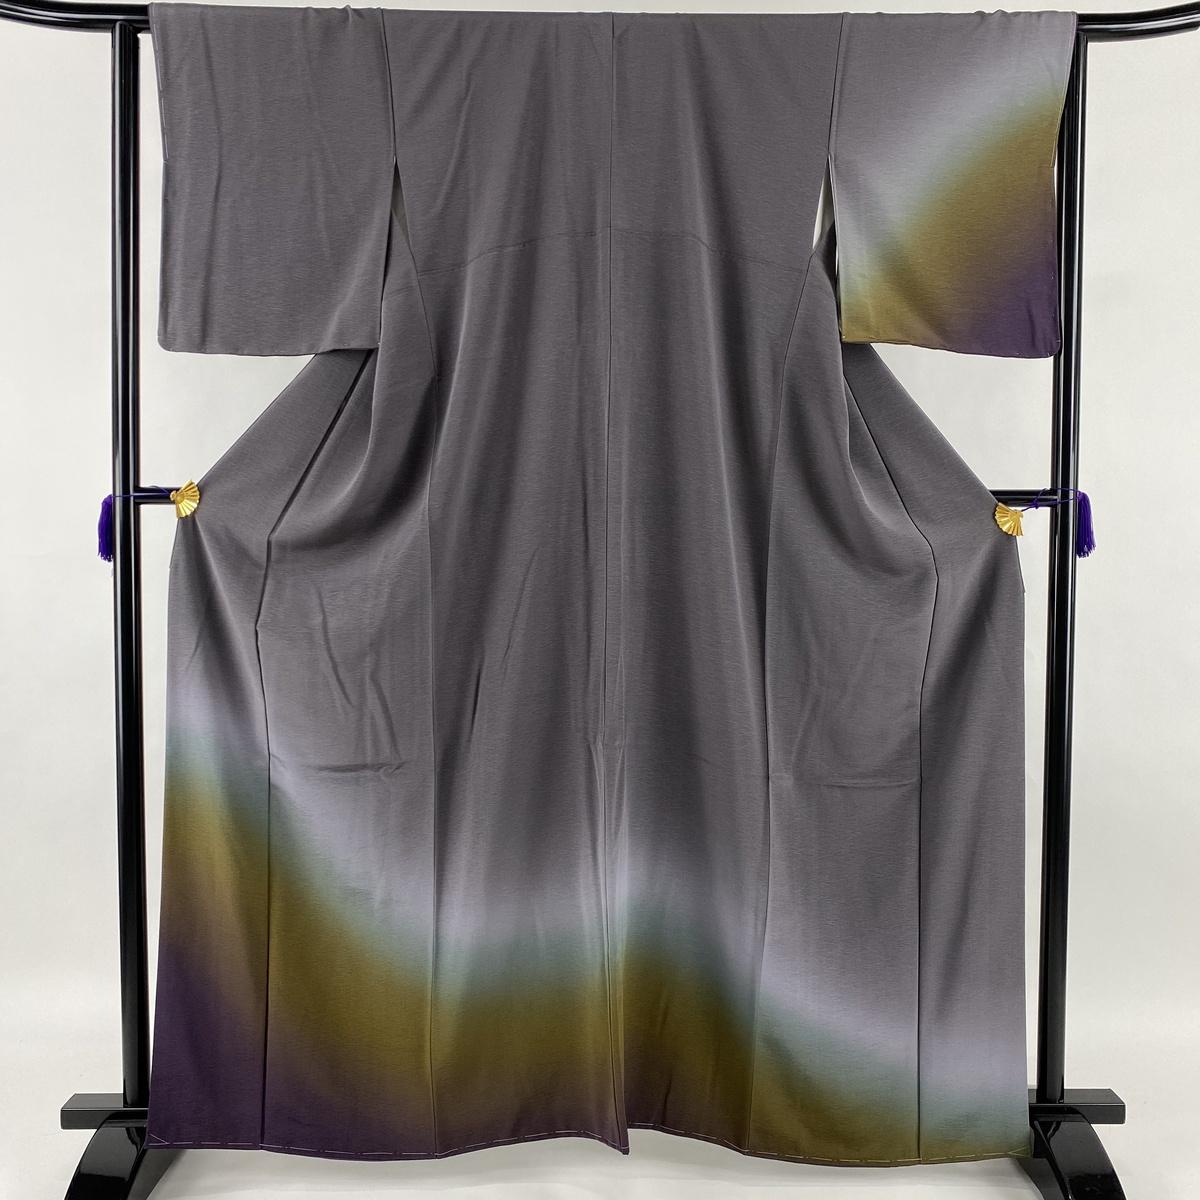 ランクS 驚きの値段 着物 リサイクル 送料無料 訪問着 国内即発送 美品 秀品 ますいわ屋 中古 M 正絹 袷 64cm 164cm ぼかし 灰紫